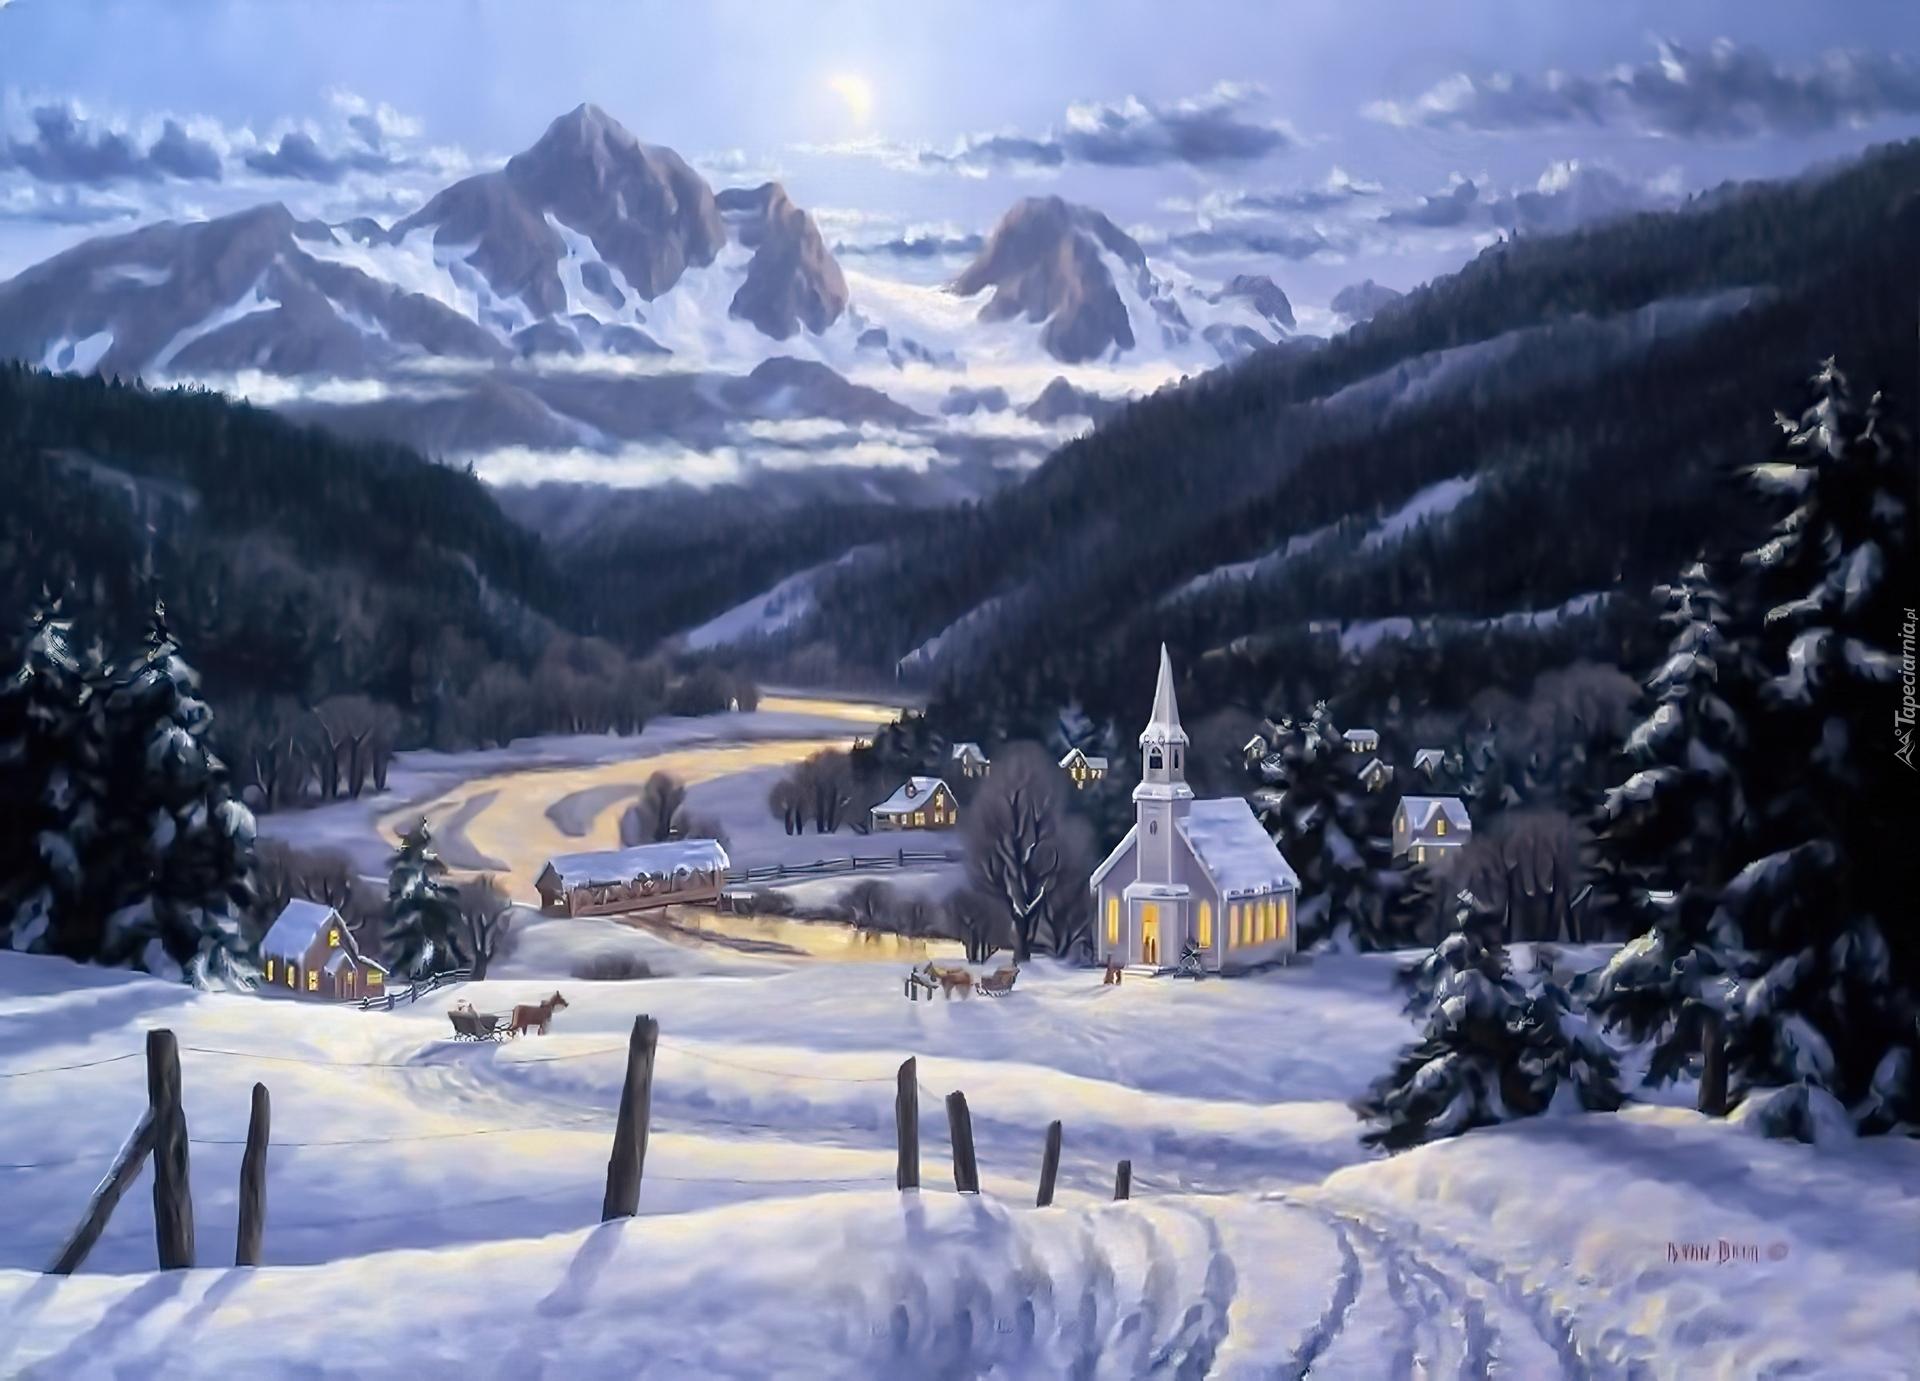 Zakopane In December Is It Hotel Friendly